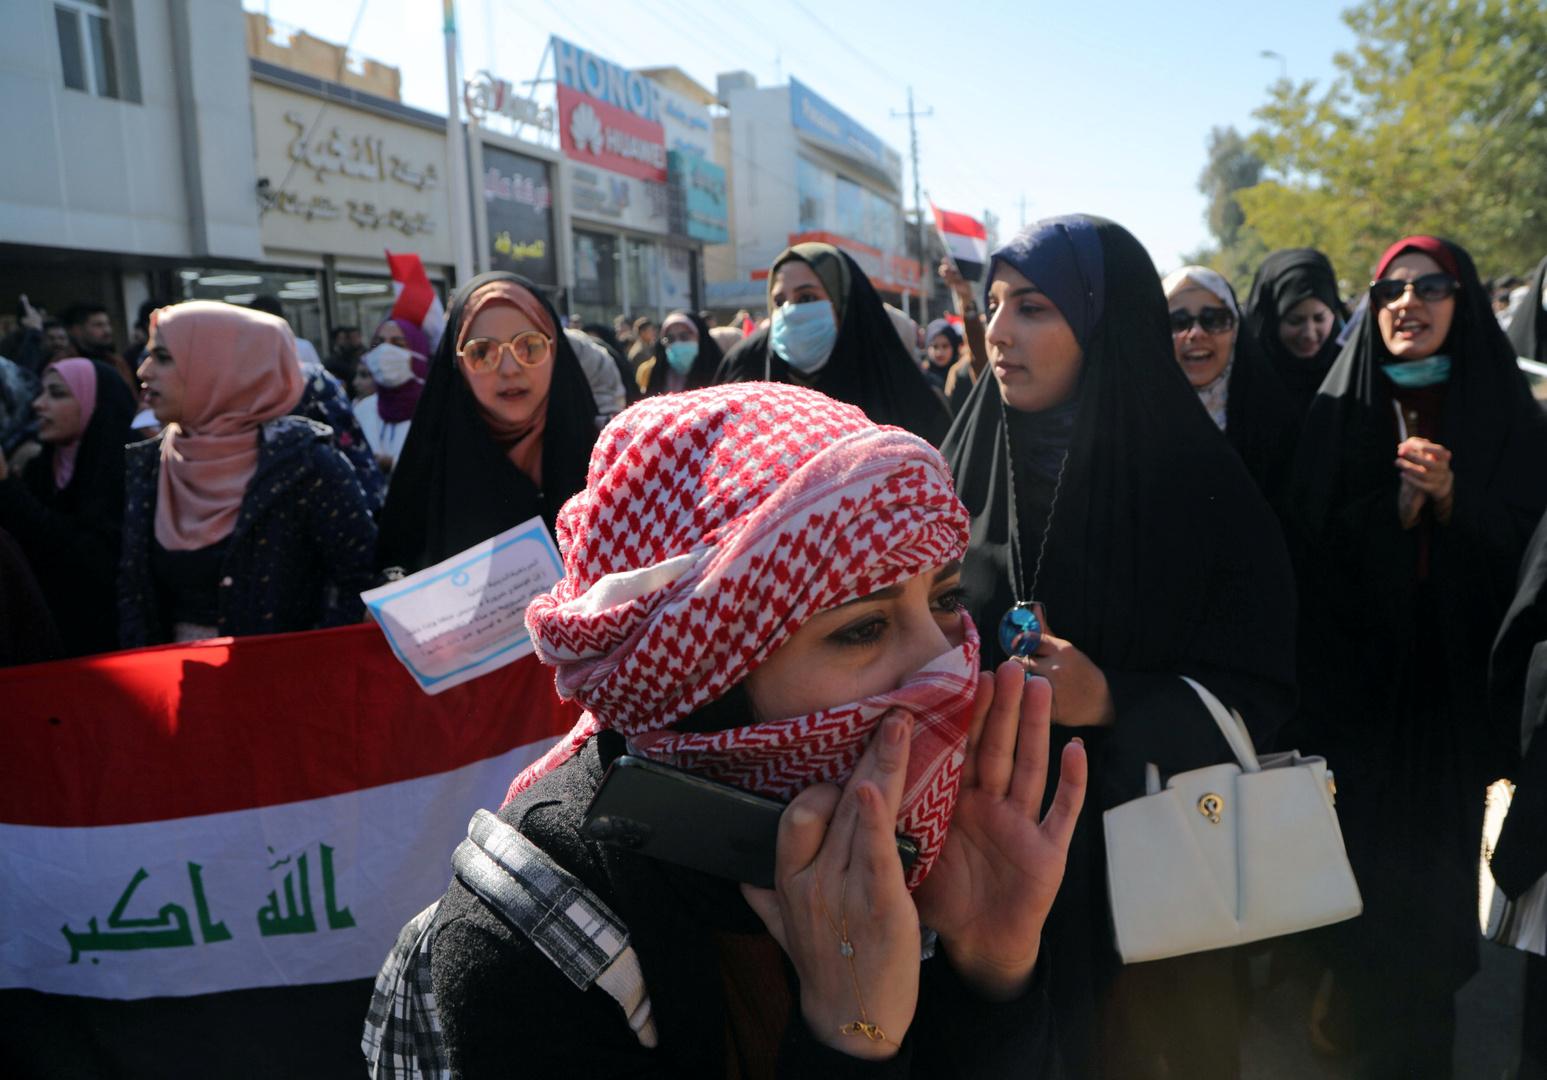 العراق.. 121 حالة اختطاف على الأقل منذ بدء الاحتجاجات